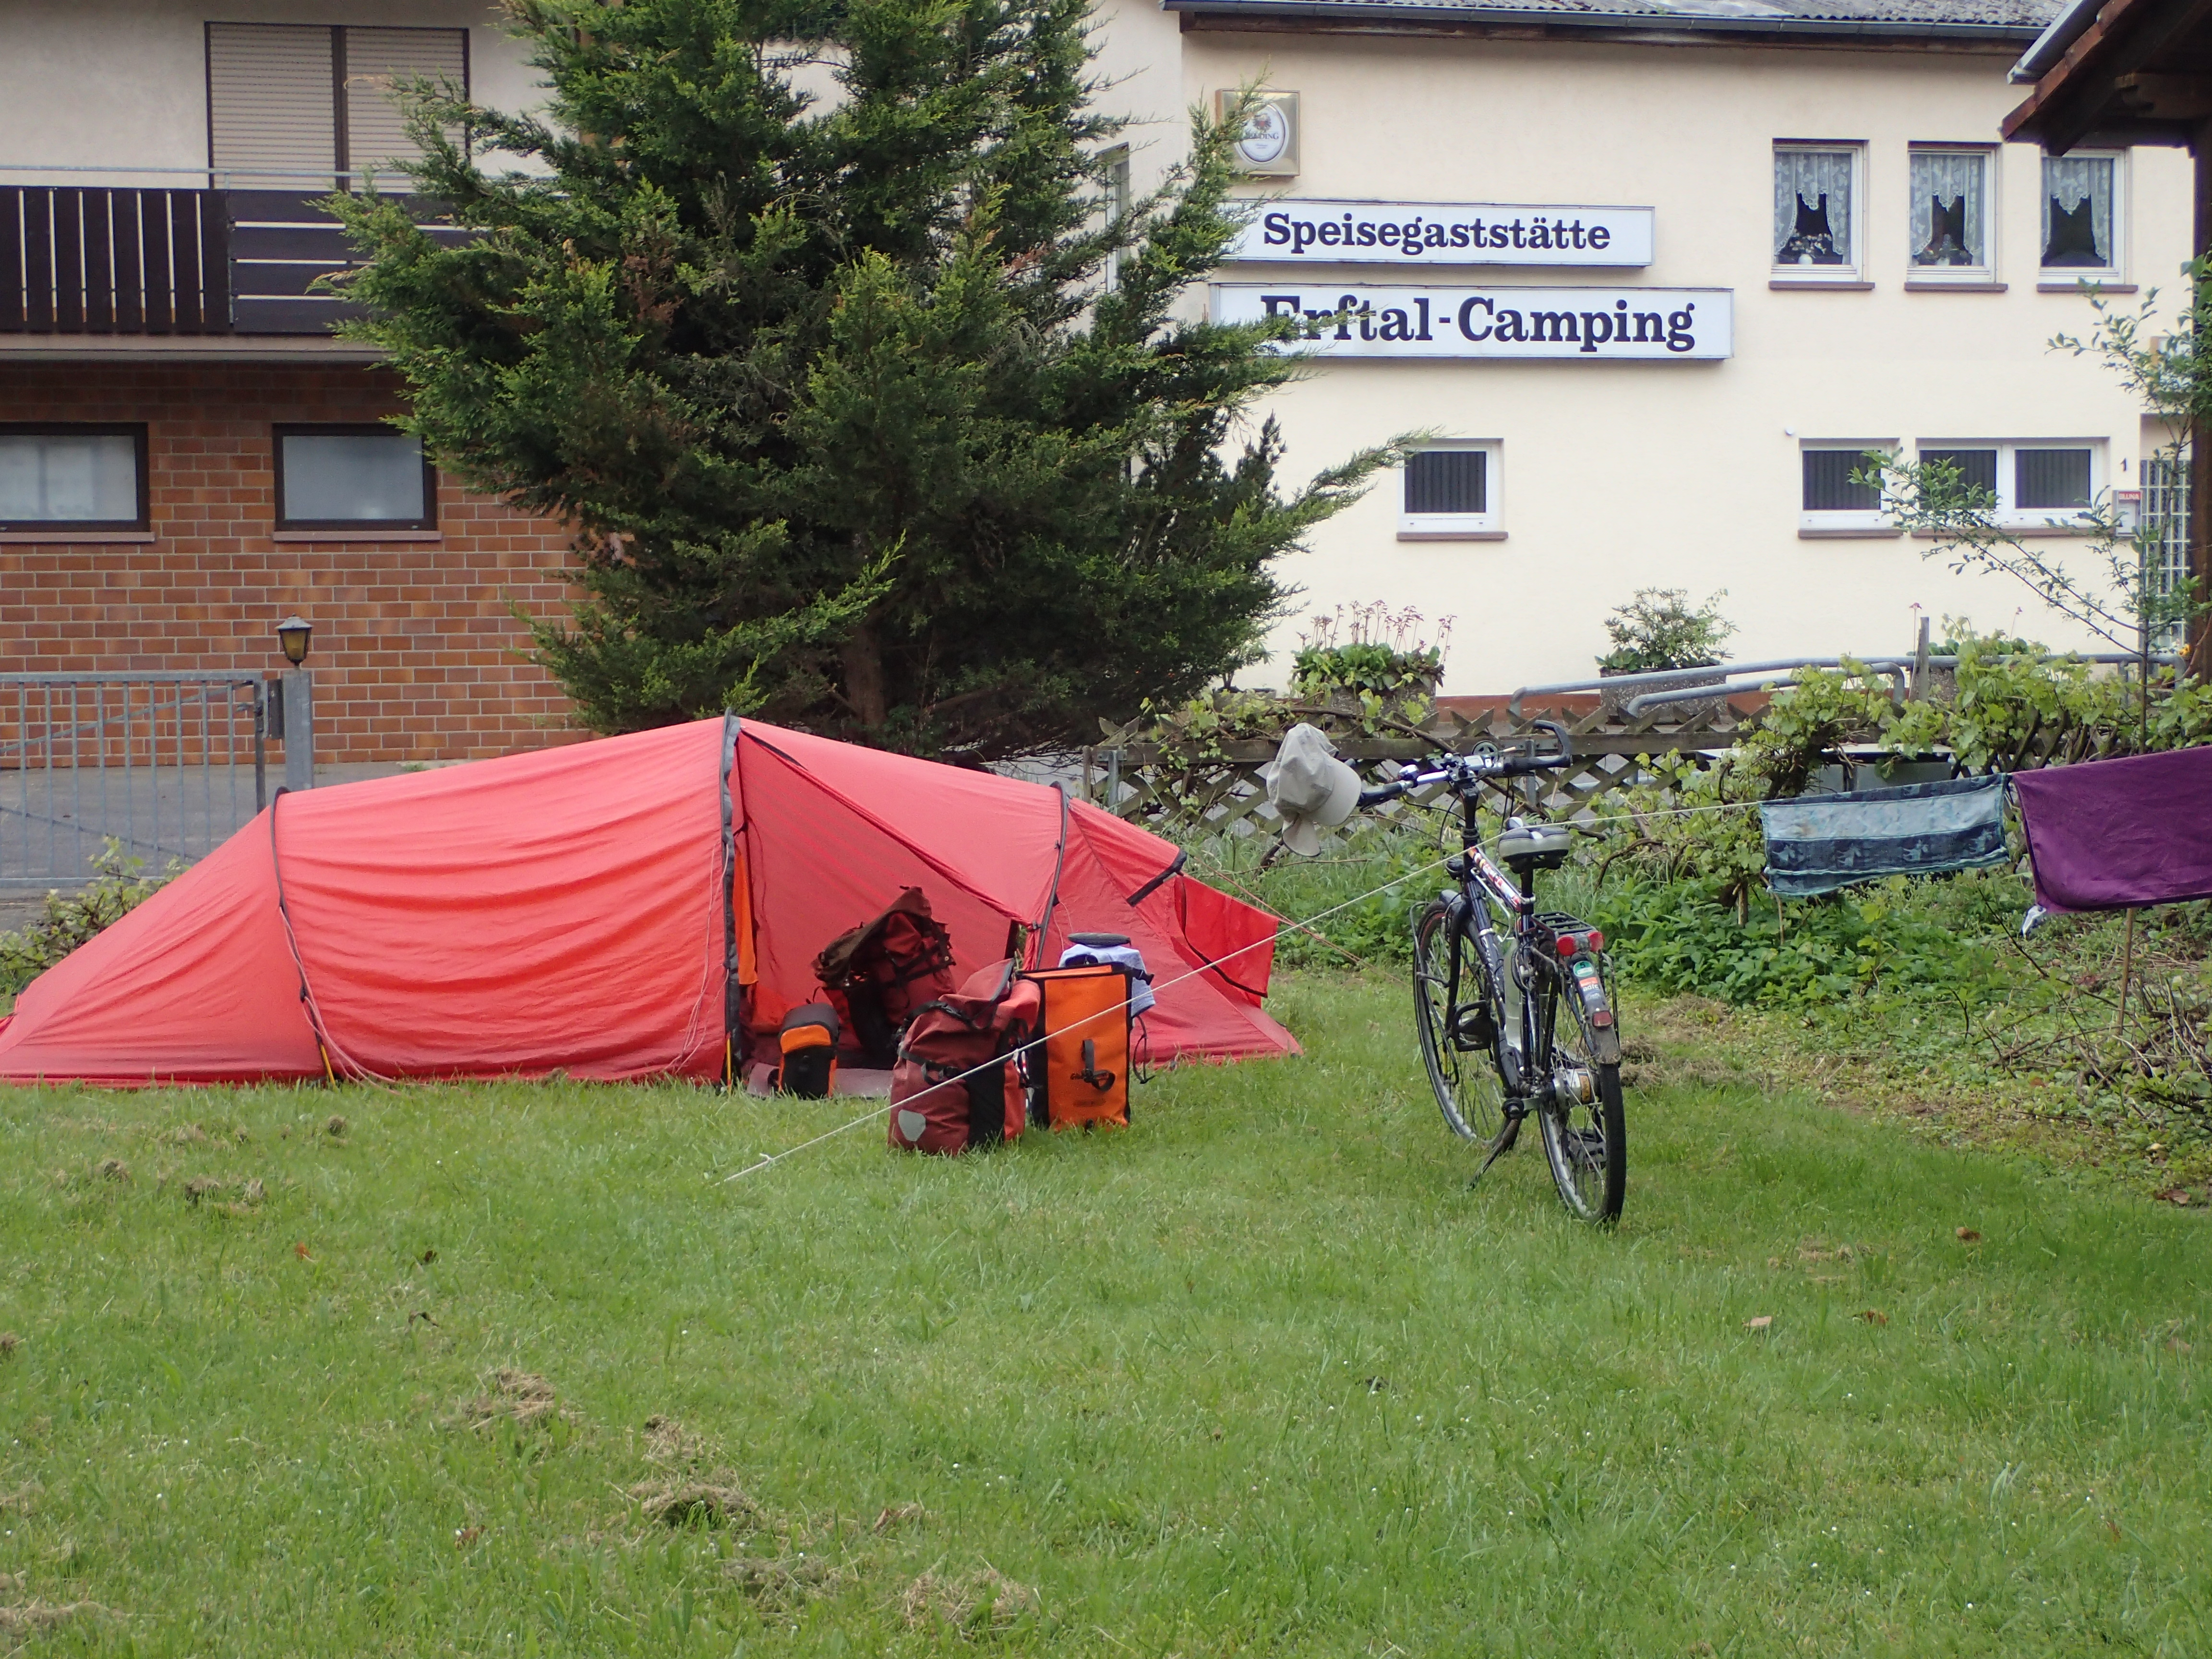 Campingplatz in Eichenbühl